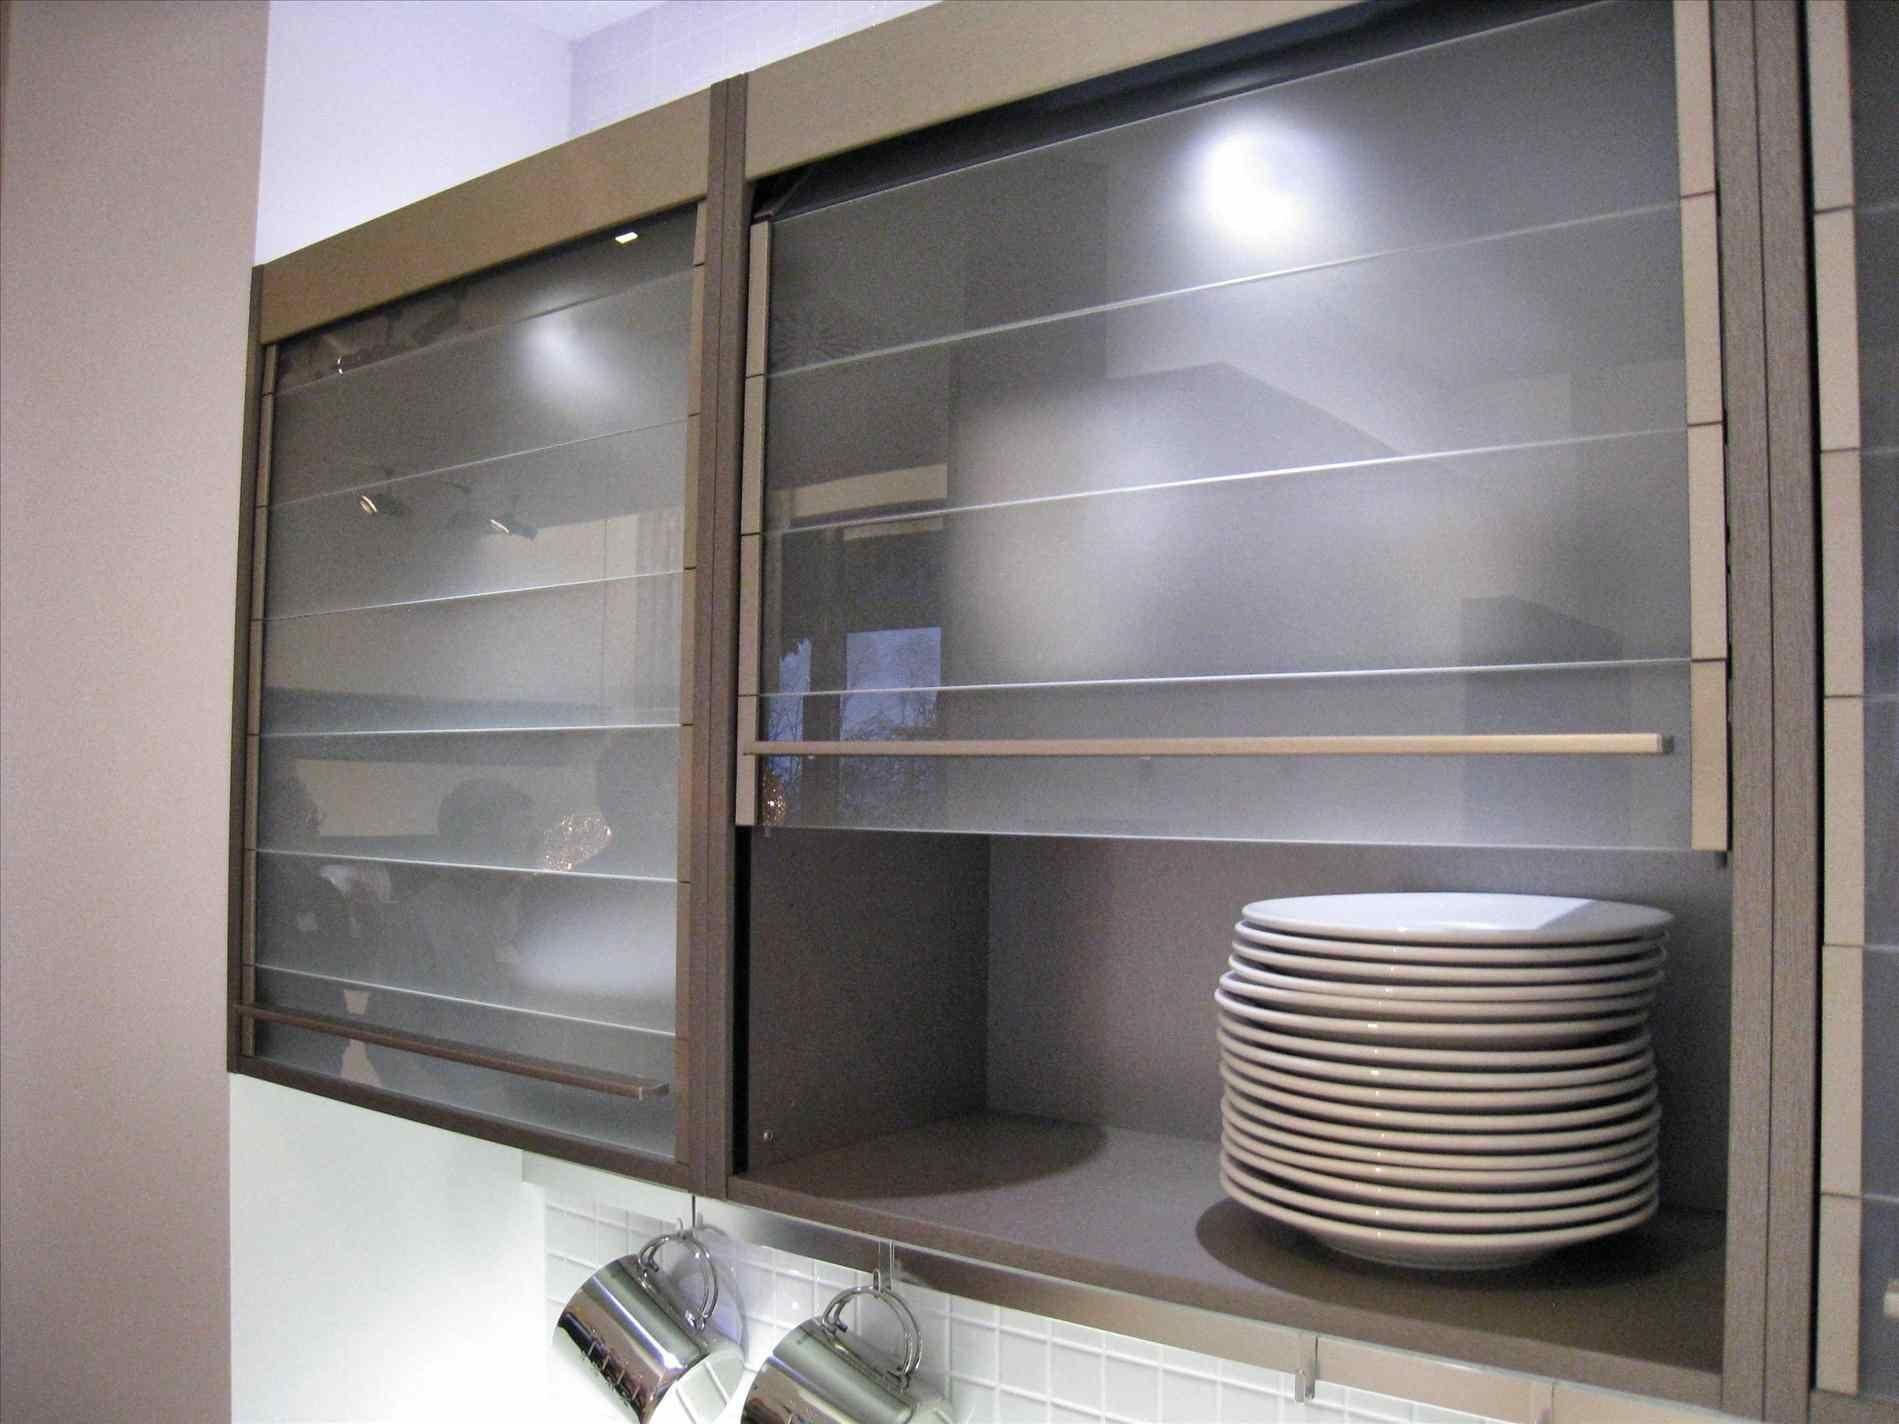 Best Kitchen Gallery: Image Result For Glass Roll Up Kitchen Cabi Doors Kitchen of Kitchen Cabinet Roll Door on rachelxblog.com